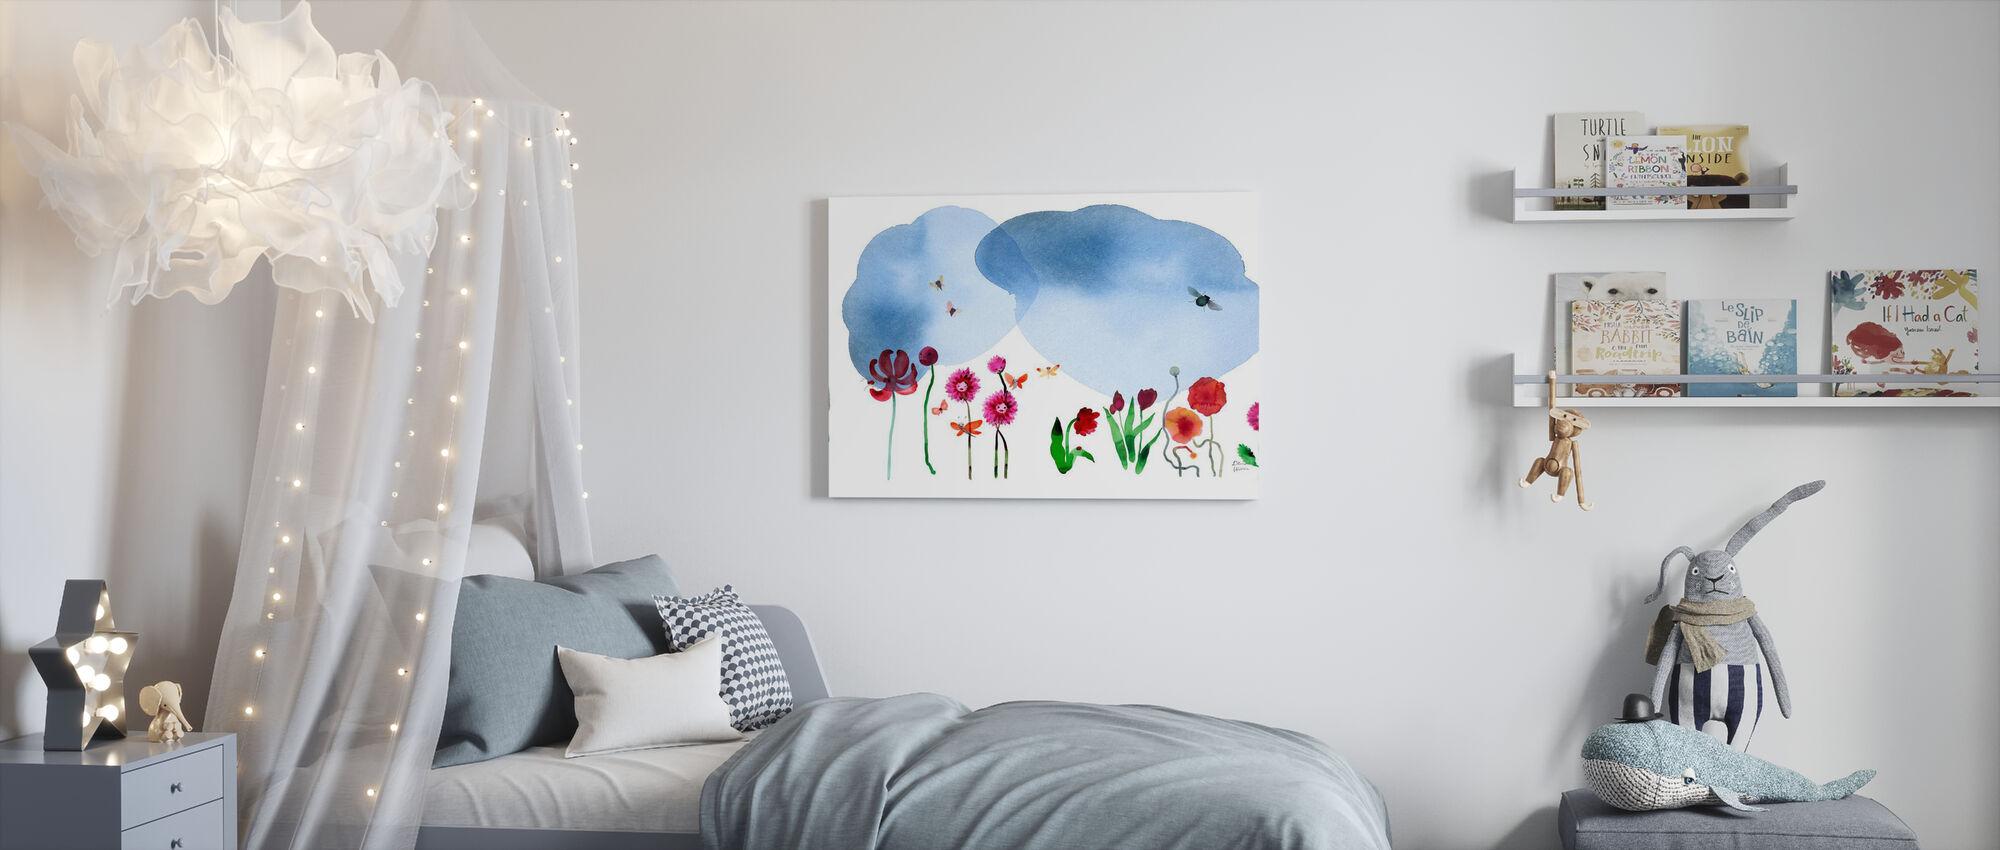 Vattenfärg Blommor II - Canvastavla - Barnrum